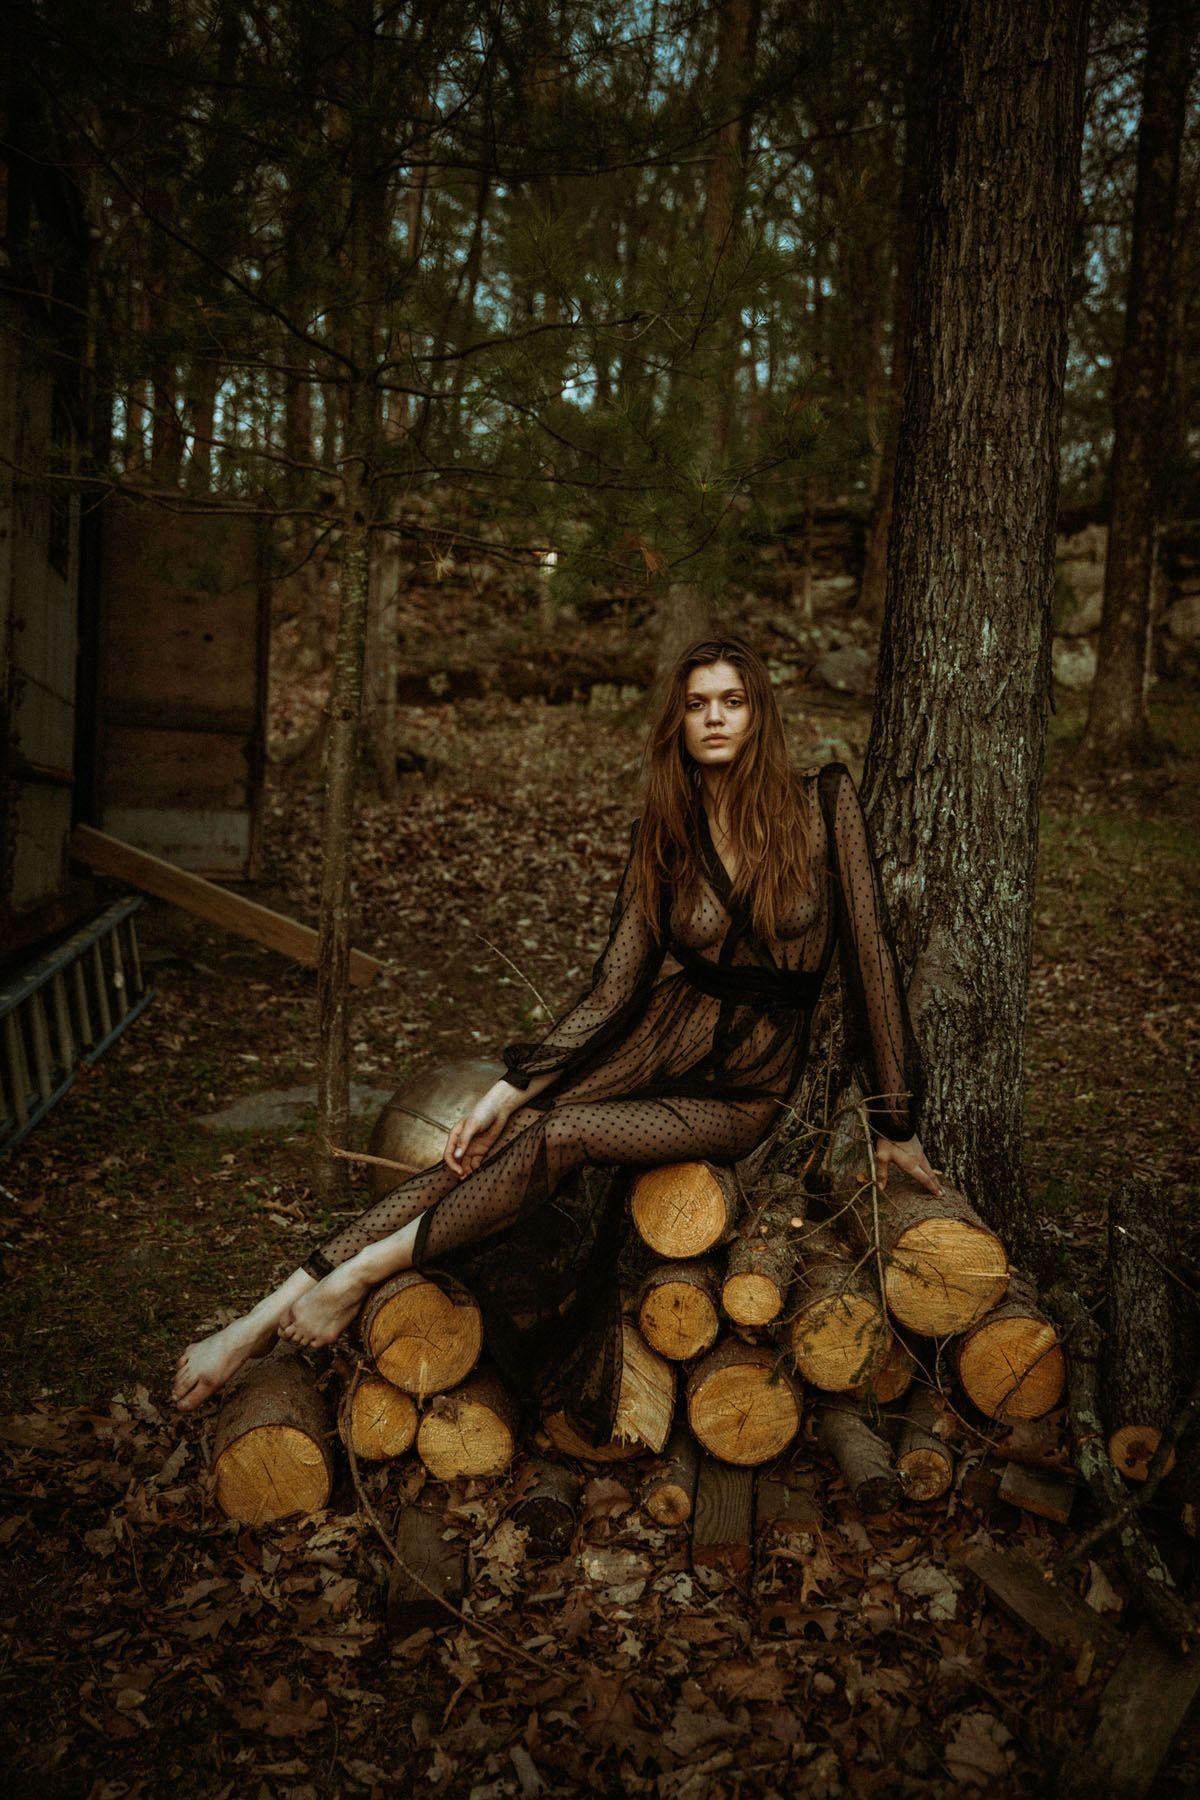 Rebekah-Underhill-Nude-1